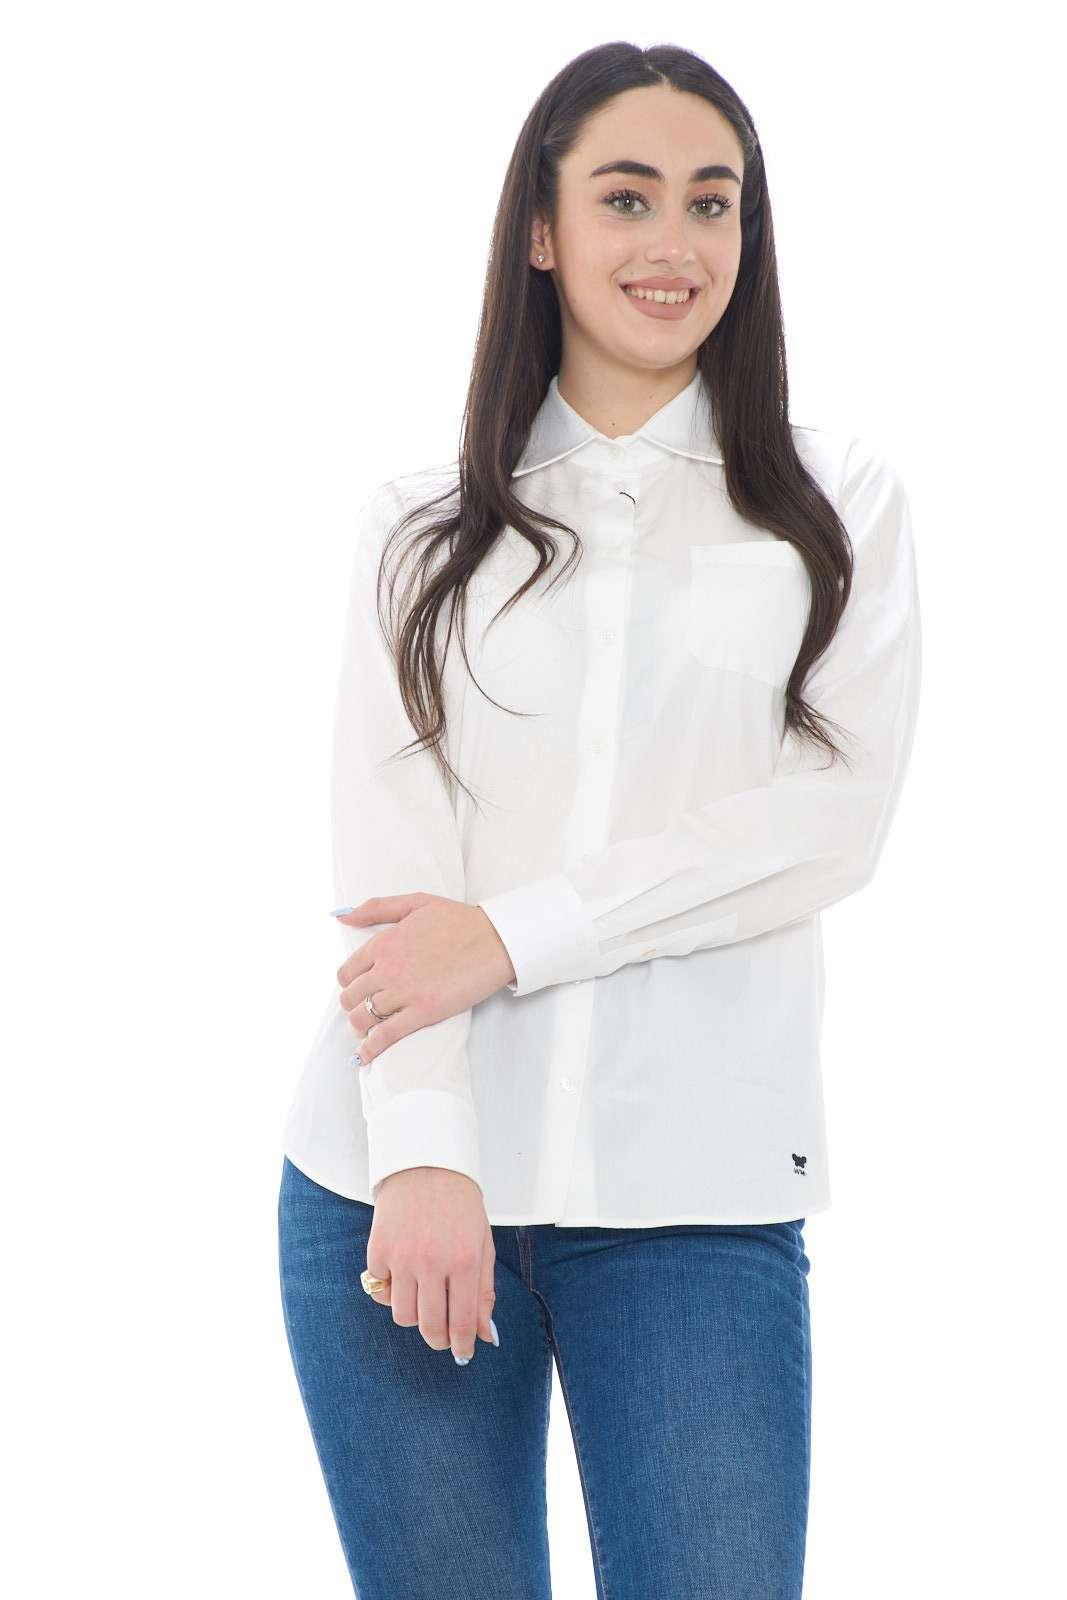 Una camicia classica, elegante ed essenziale, che permetterà di sfoggiare look senza tempo, sempre curati e sul pezzo. L'ideale per completare completi spezzati, da indossare da sola sopra ad un jeans, o con una gonna, per una varietà di stili e outfit contemporanei e chic.